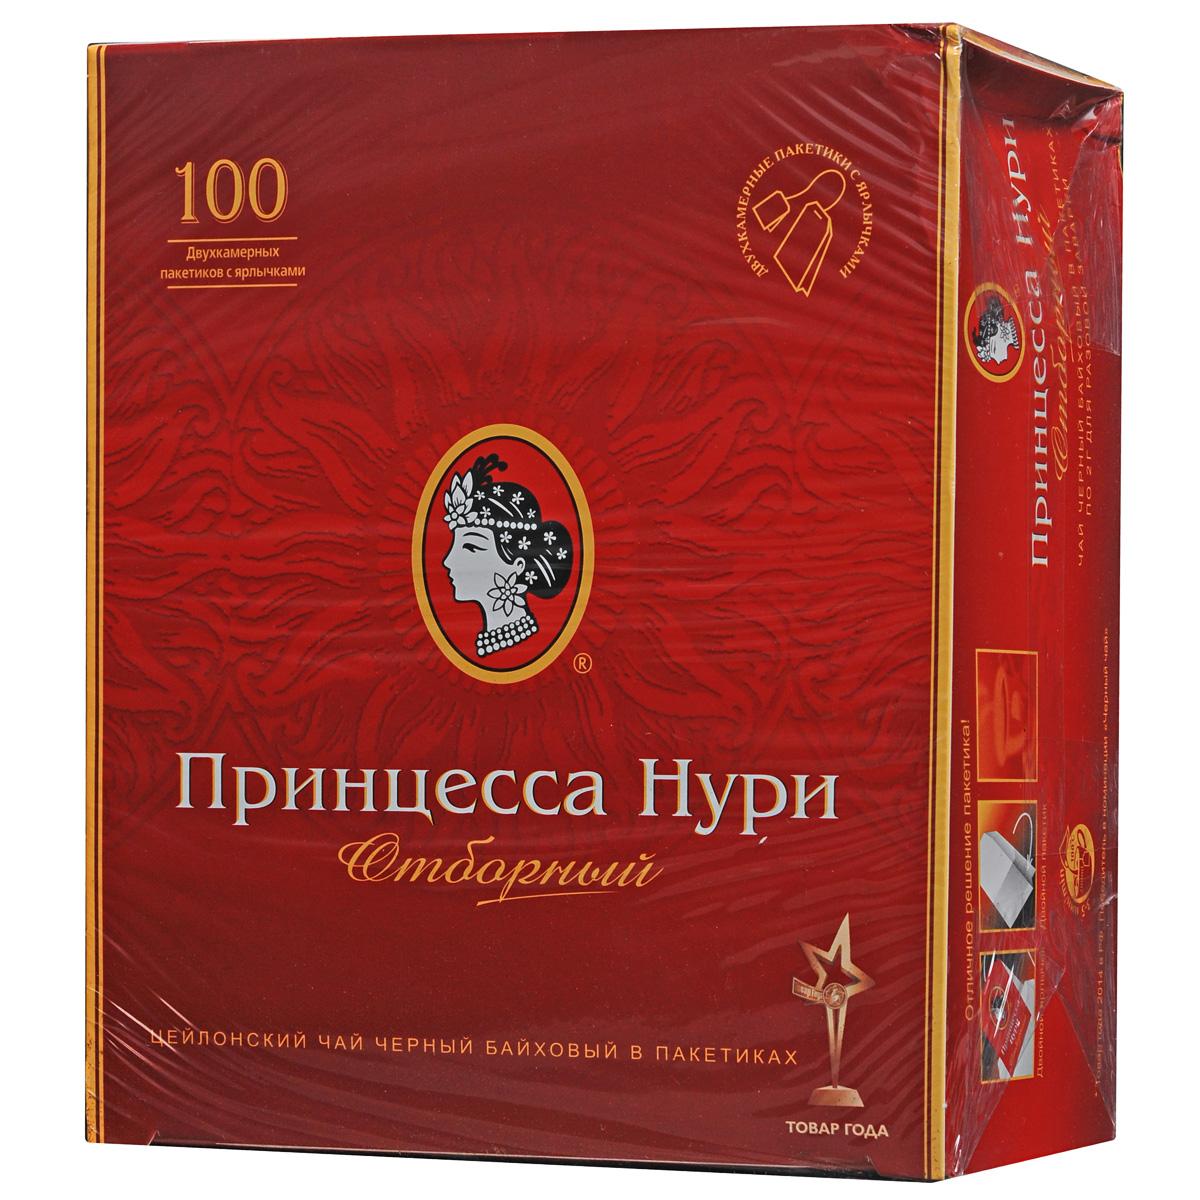 Принцесса Нури Отборный черный чай в пакетиках, 100 шт0120710Пакетированный черный чай Принцесса Нури Отборный сочетает в себе благородный вкус и нежный аромат превосходного листового цейлонского чая.